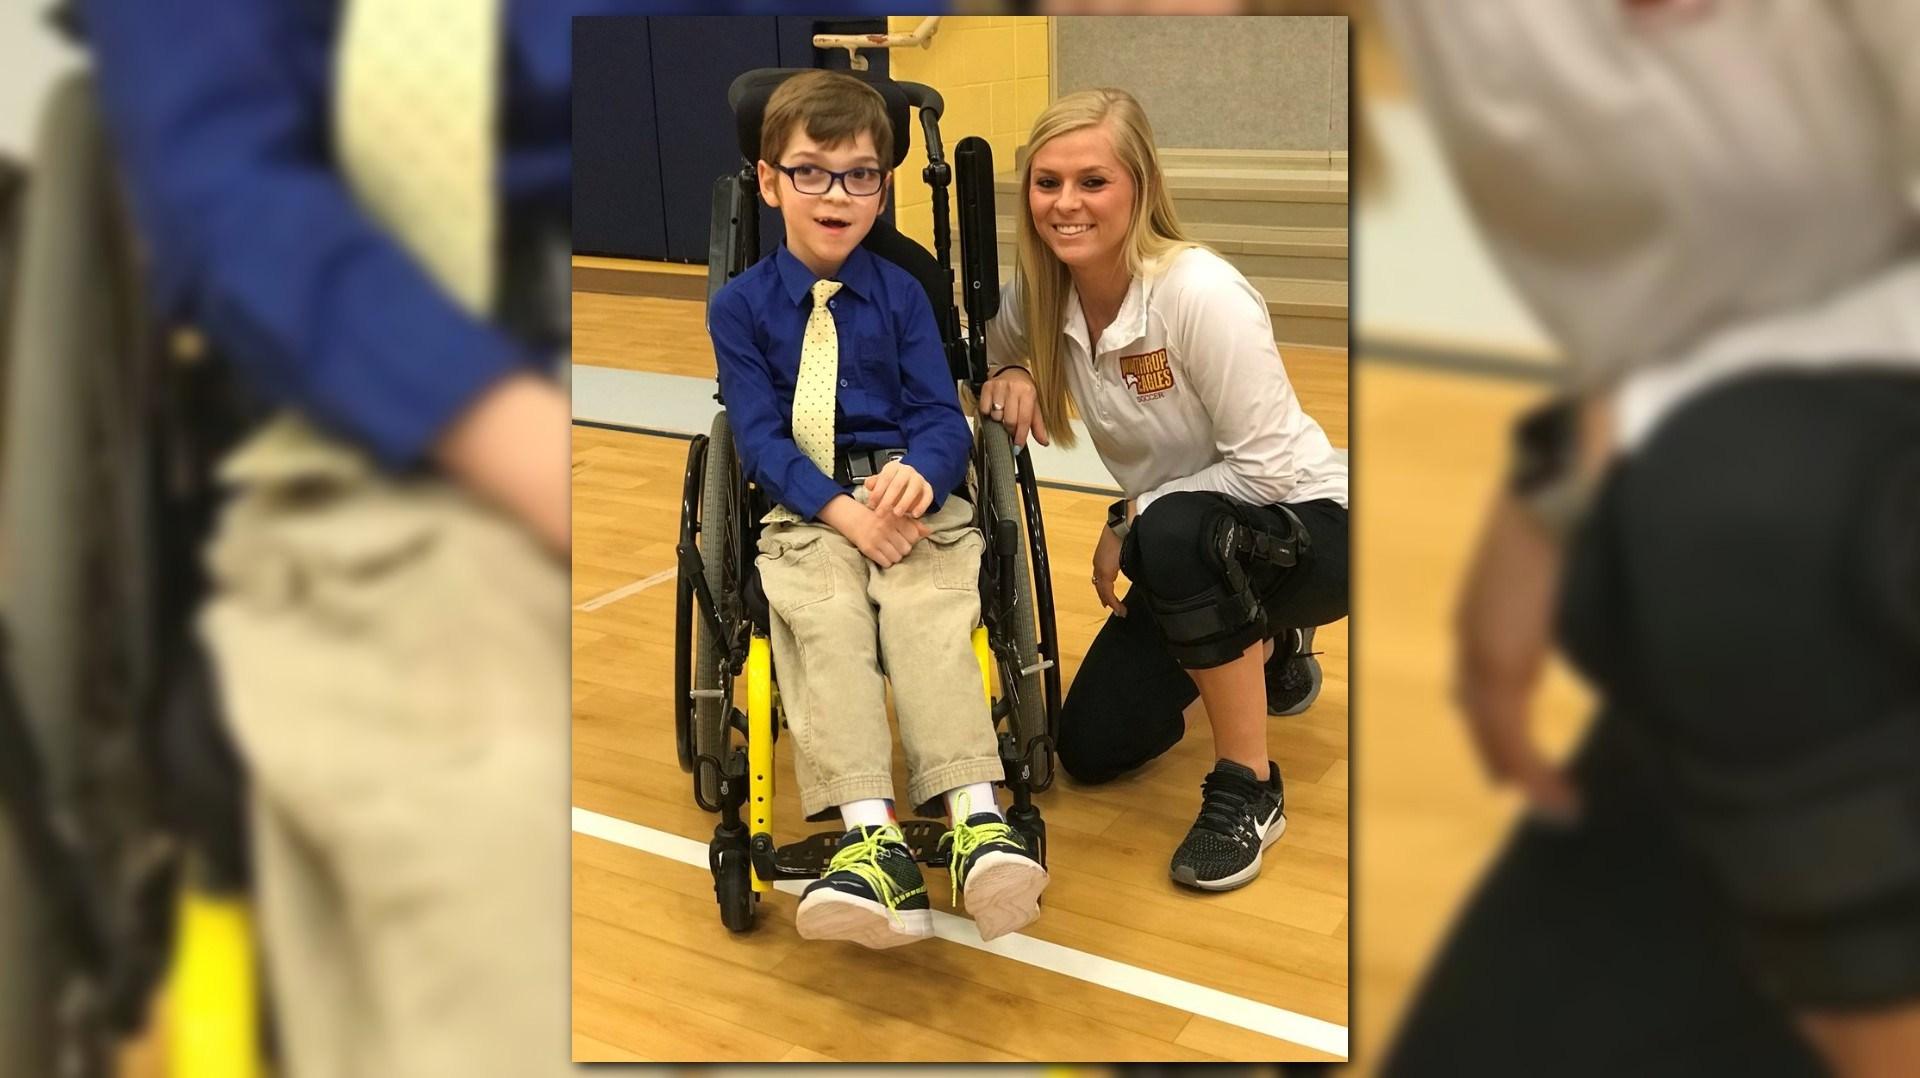 wheelchair jump rocking chair swing baby 12news watch teacher helps bound student